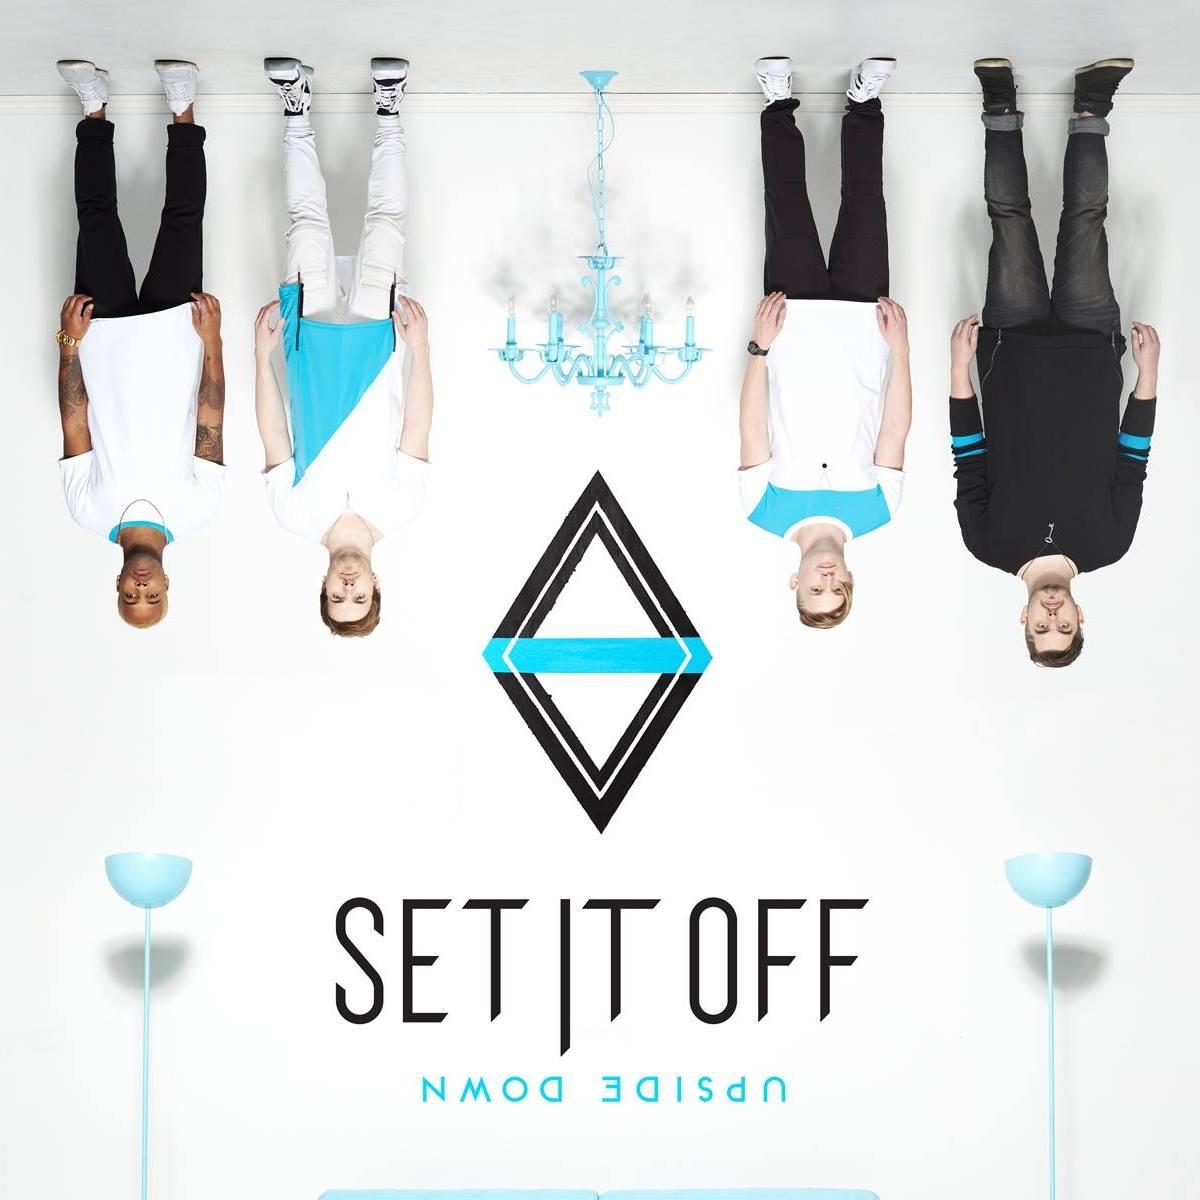 set-it-off-justmusic-fr